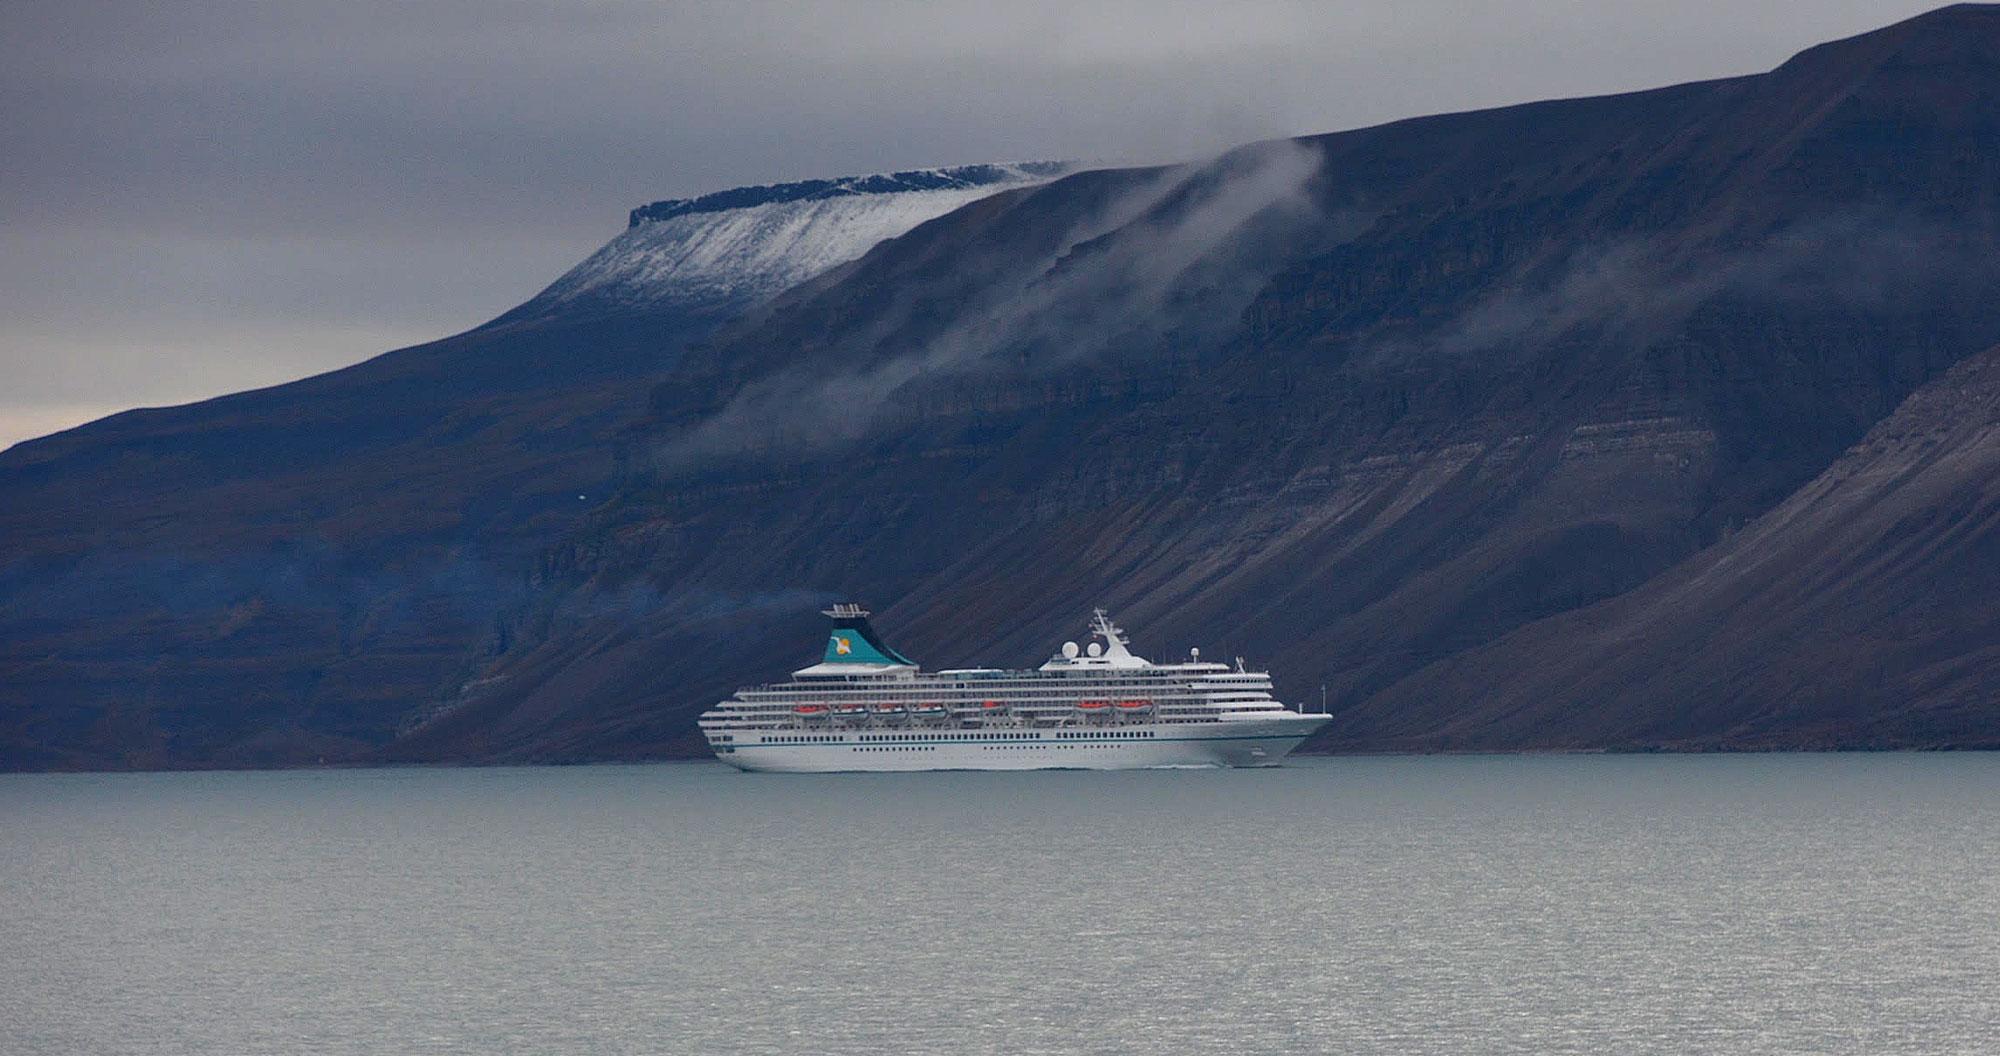 cruiseship svalbard2 as.'